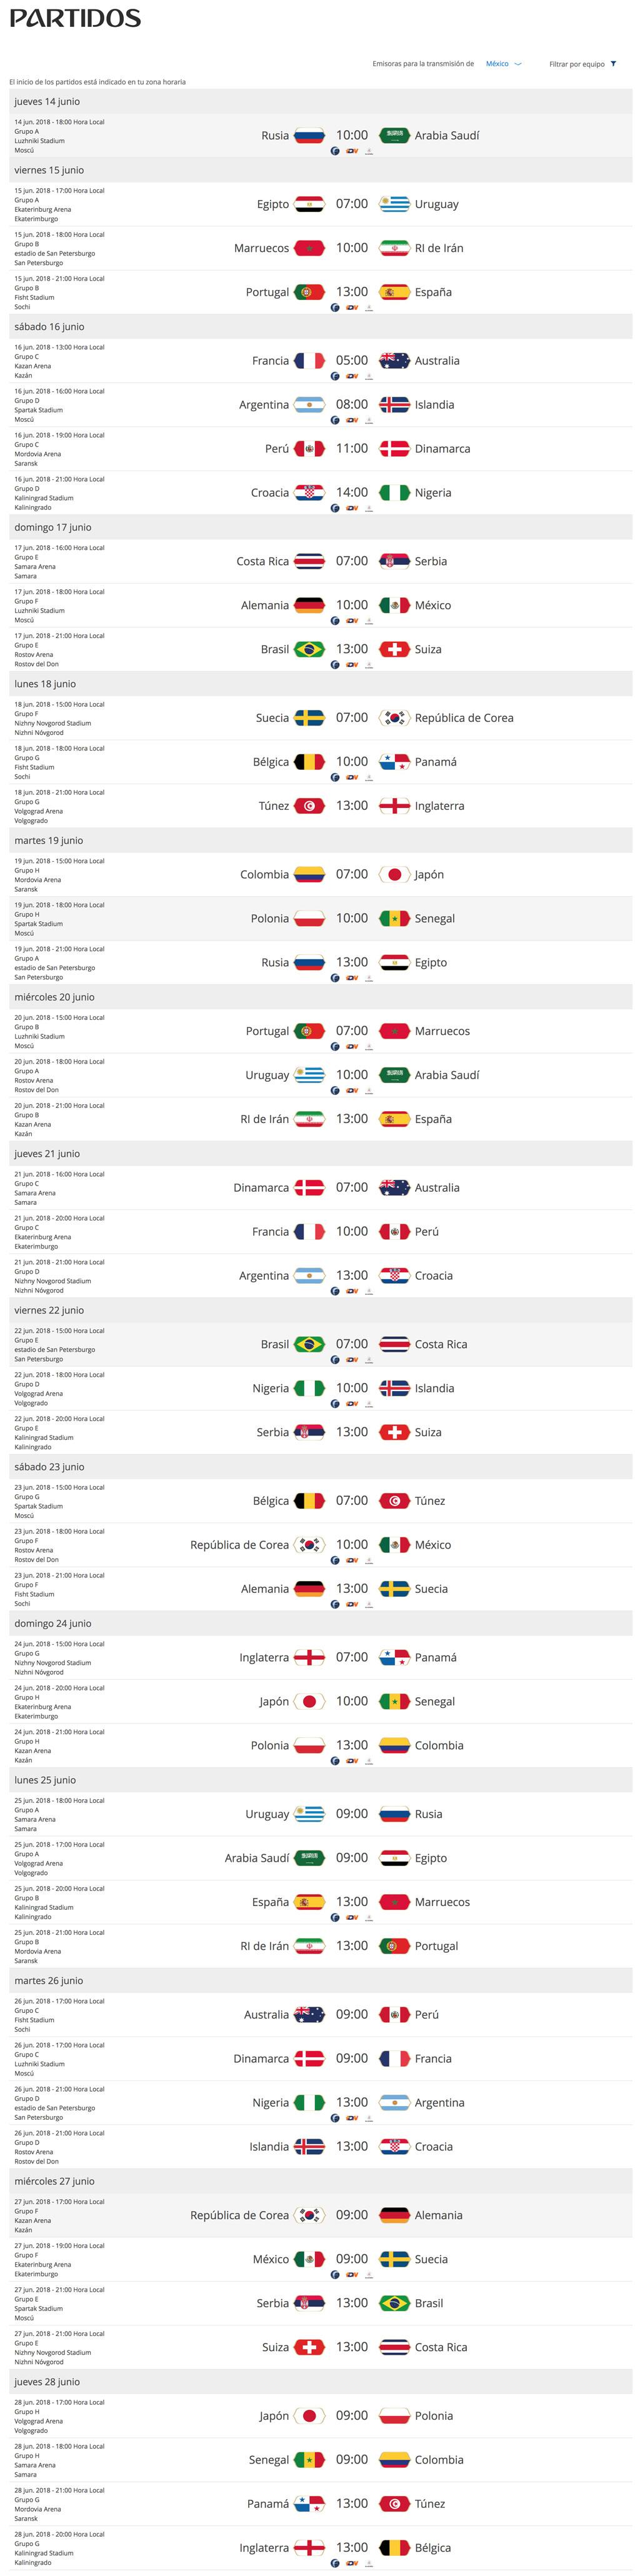 Calendario del mundial de Rusia 2018 completo ¡Descárgalo y no te pierdas ningún partido! - calendario-del-mundial-rusia-2018-completo